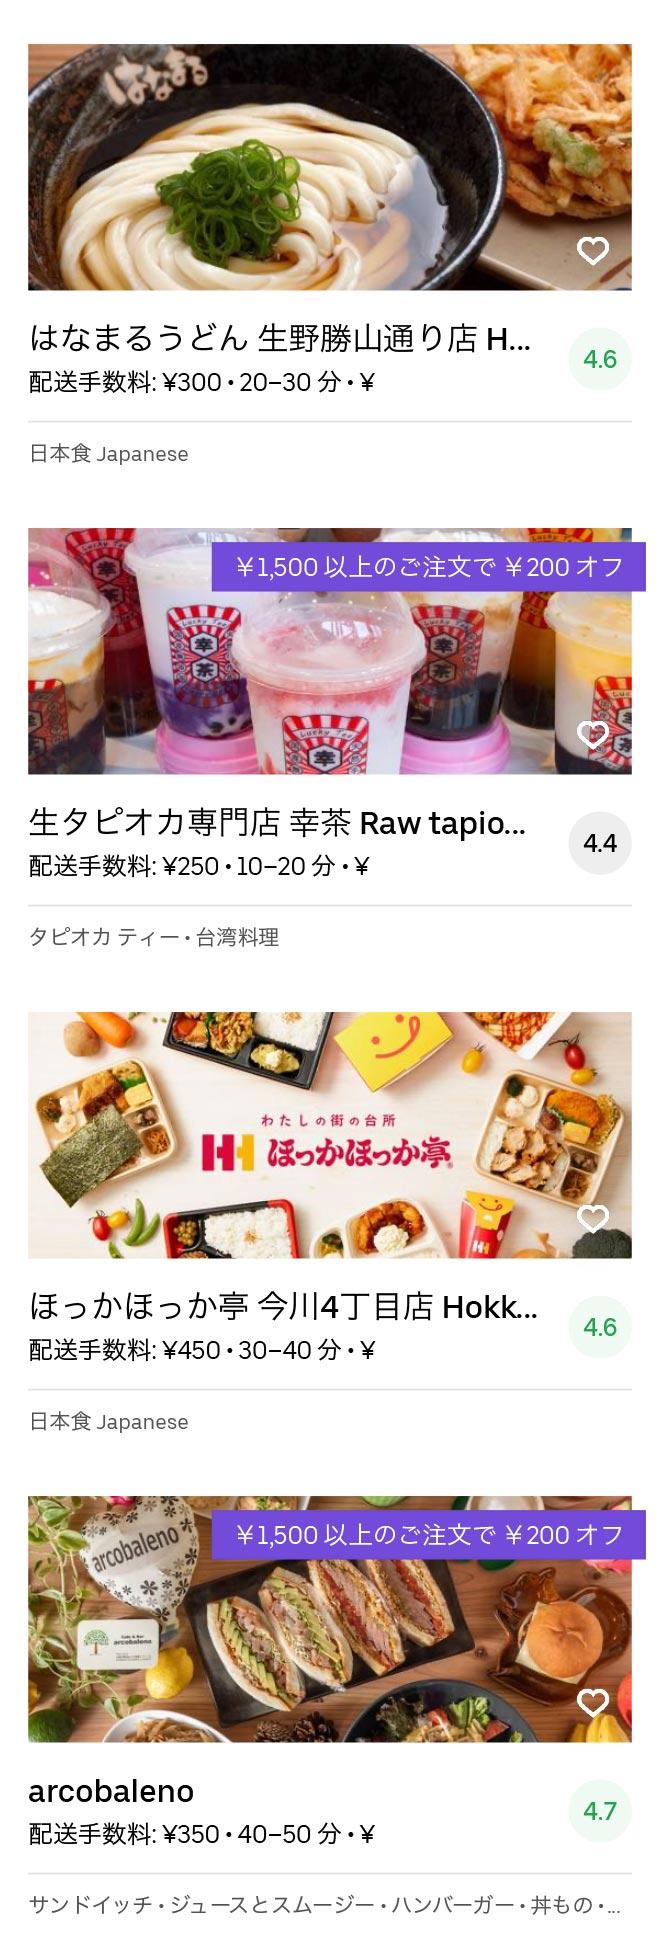 Higashi osaka nagase menu 2005 09